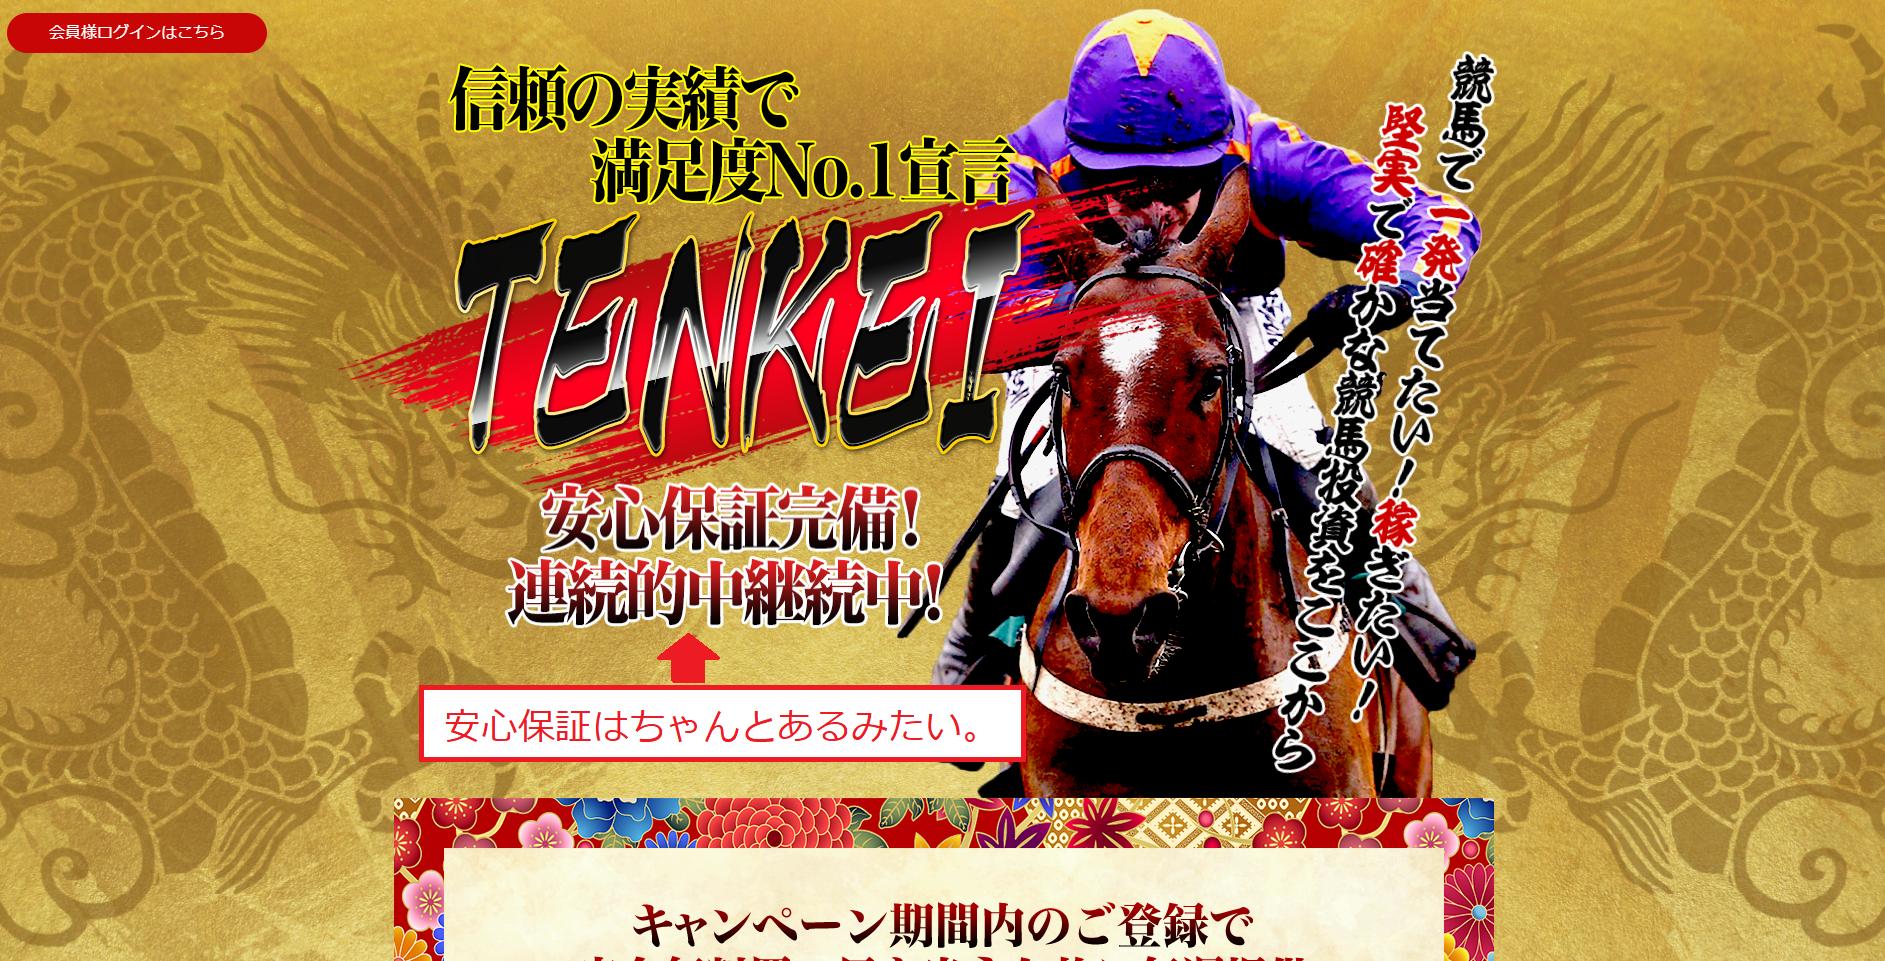 テンケイ(TENKEI)